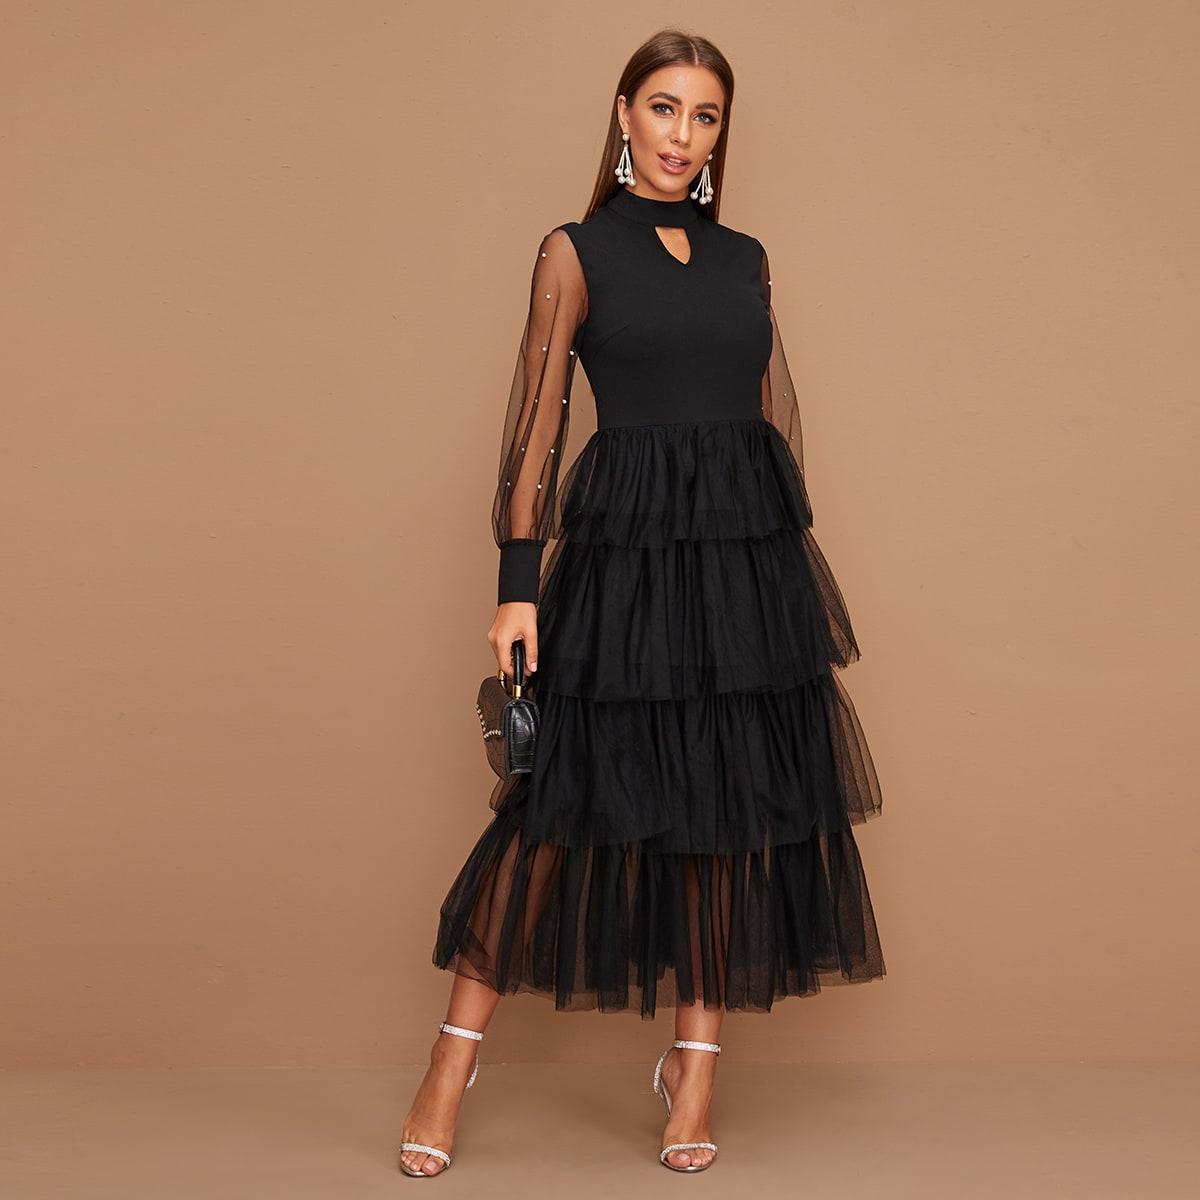 Платье с сетчатым краем, прозраными рукавами и жемчугами